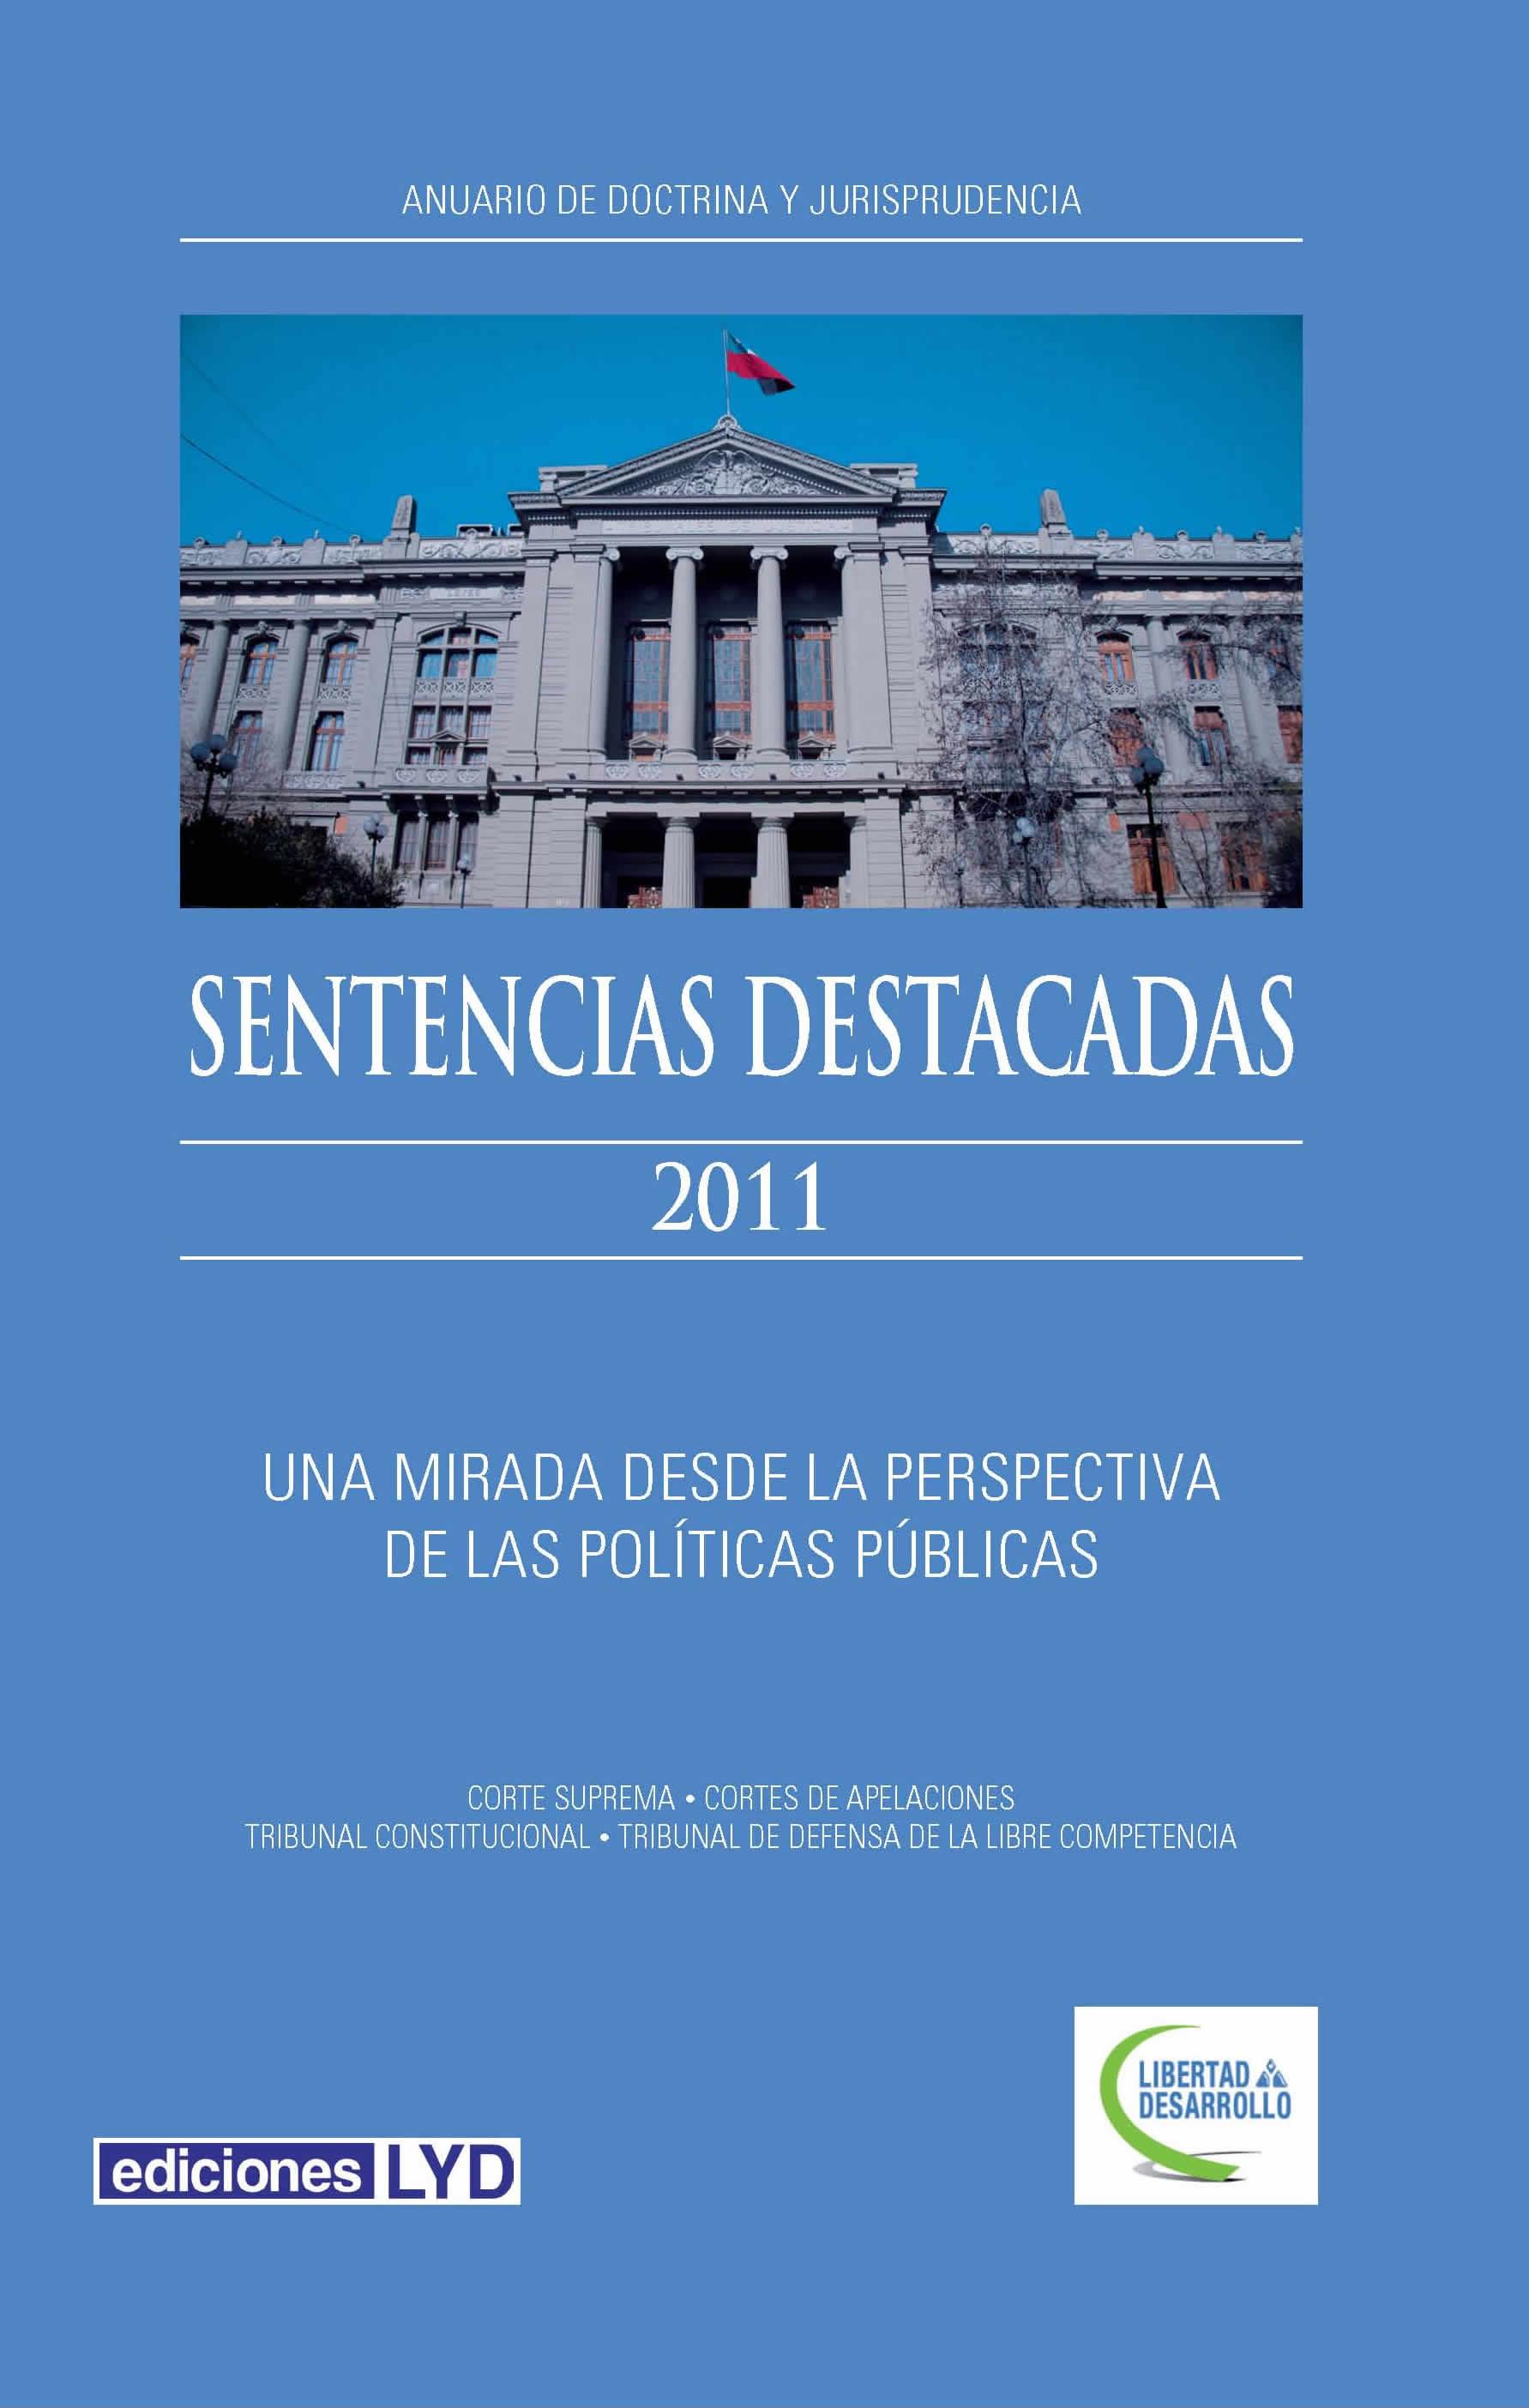 Sentencias Destacadas 2011